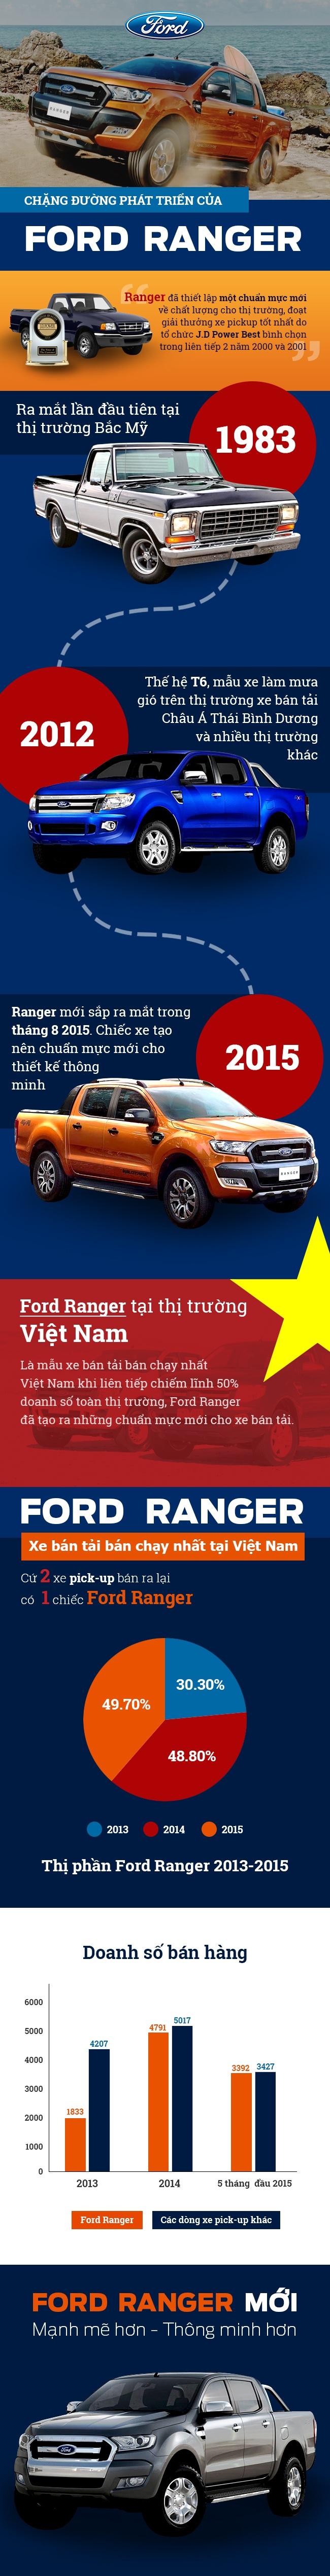 Chặng đường phát triển của Ford Ranger Được giới thiệu lần đầu tiên tại thị trường Việt Nam vào tháng 5/2001, ngay lập tức Ford Ranger đã trở thành mẫu xe bán tải (Pick up) được ưa chuộng nhất, mang lại một khái niệm hoàn toàn nới về dòng xe Pickup. Xem thêm: https://muabannhanh.com/tag/ford-ranger-da-qua-su-dung https://oto.muabannhanh.com/gia-xe-ford-ranger/205